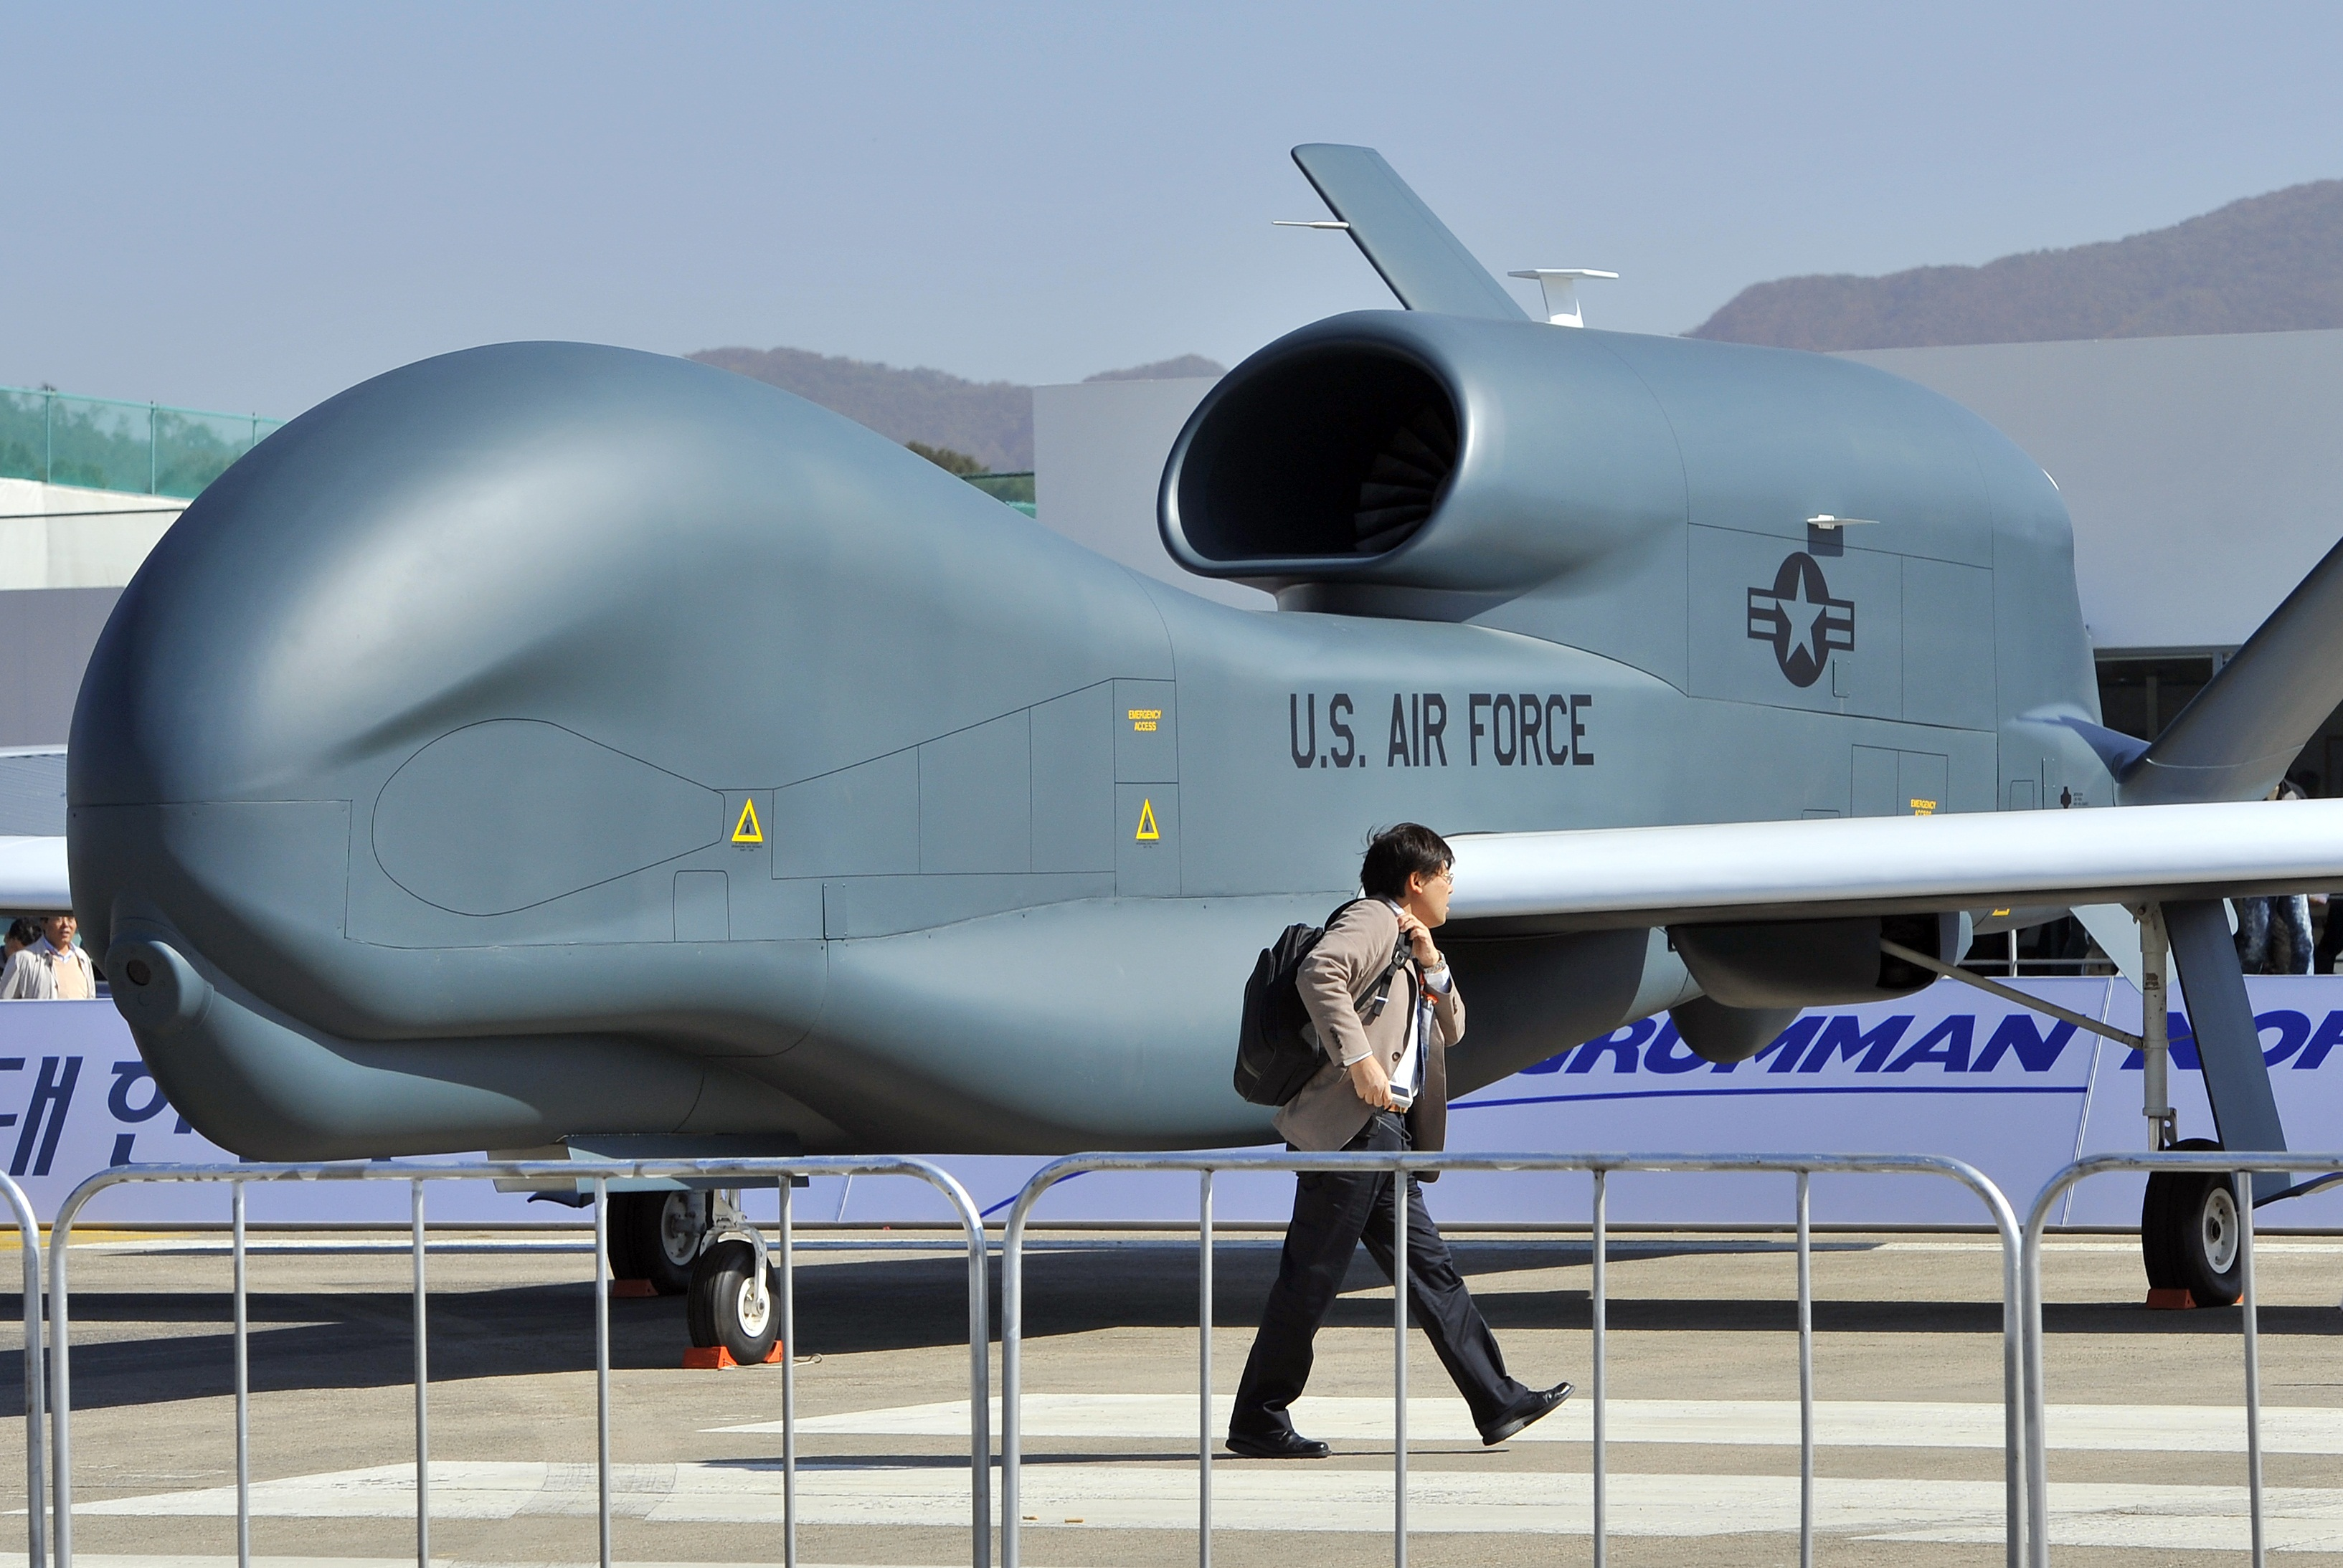 Южная Корея потратит $1,2 млрд на закупку беспилотников у США